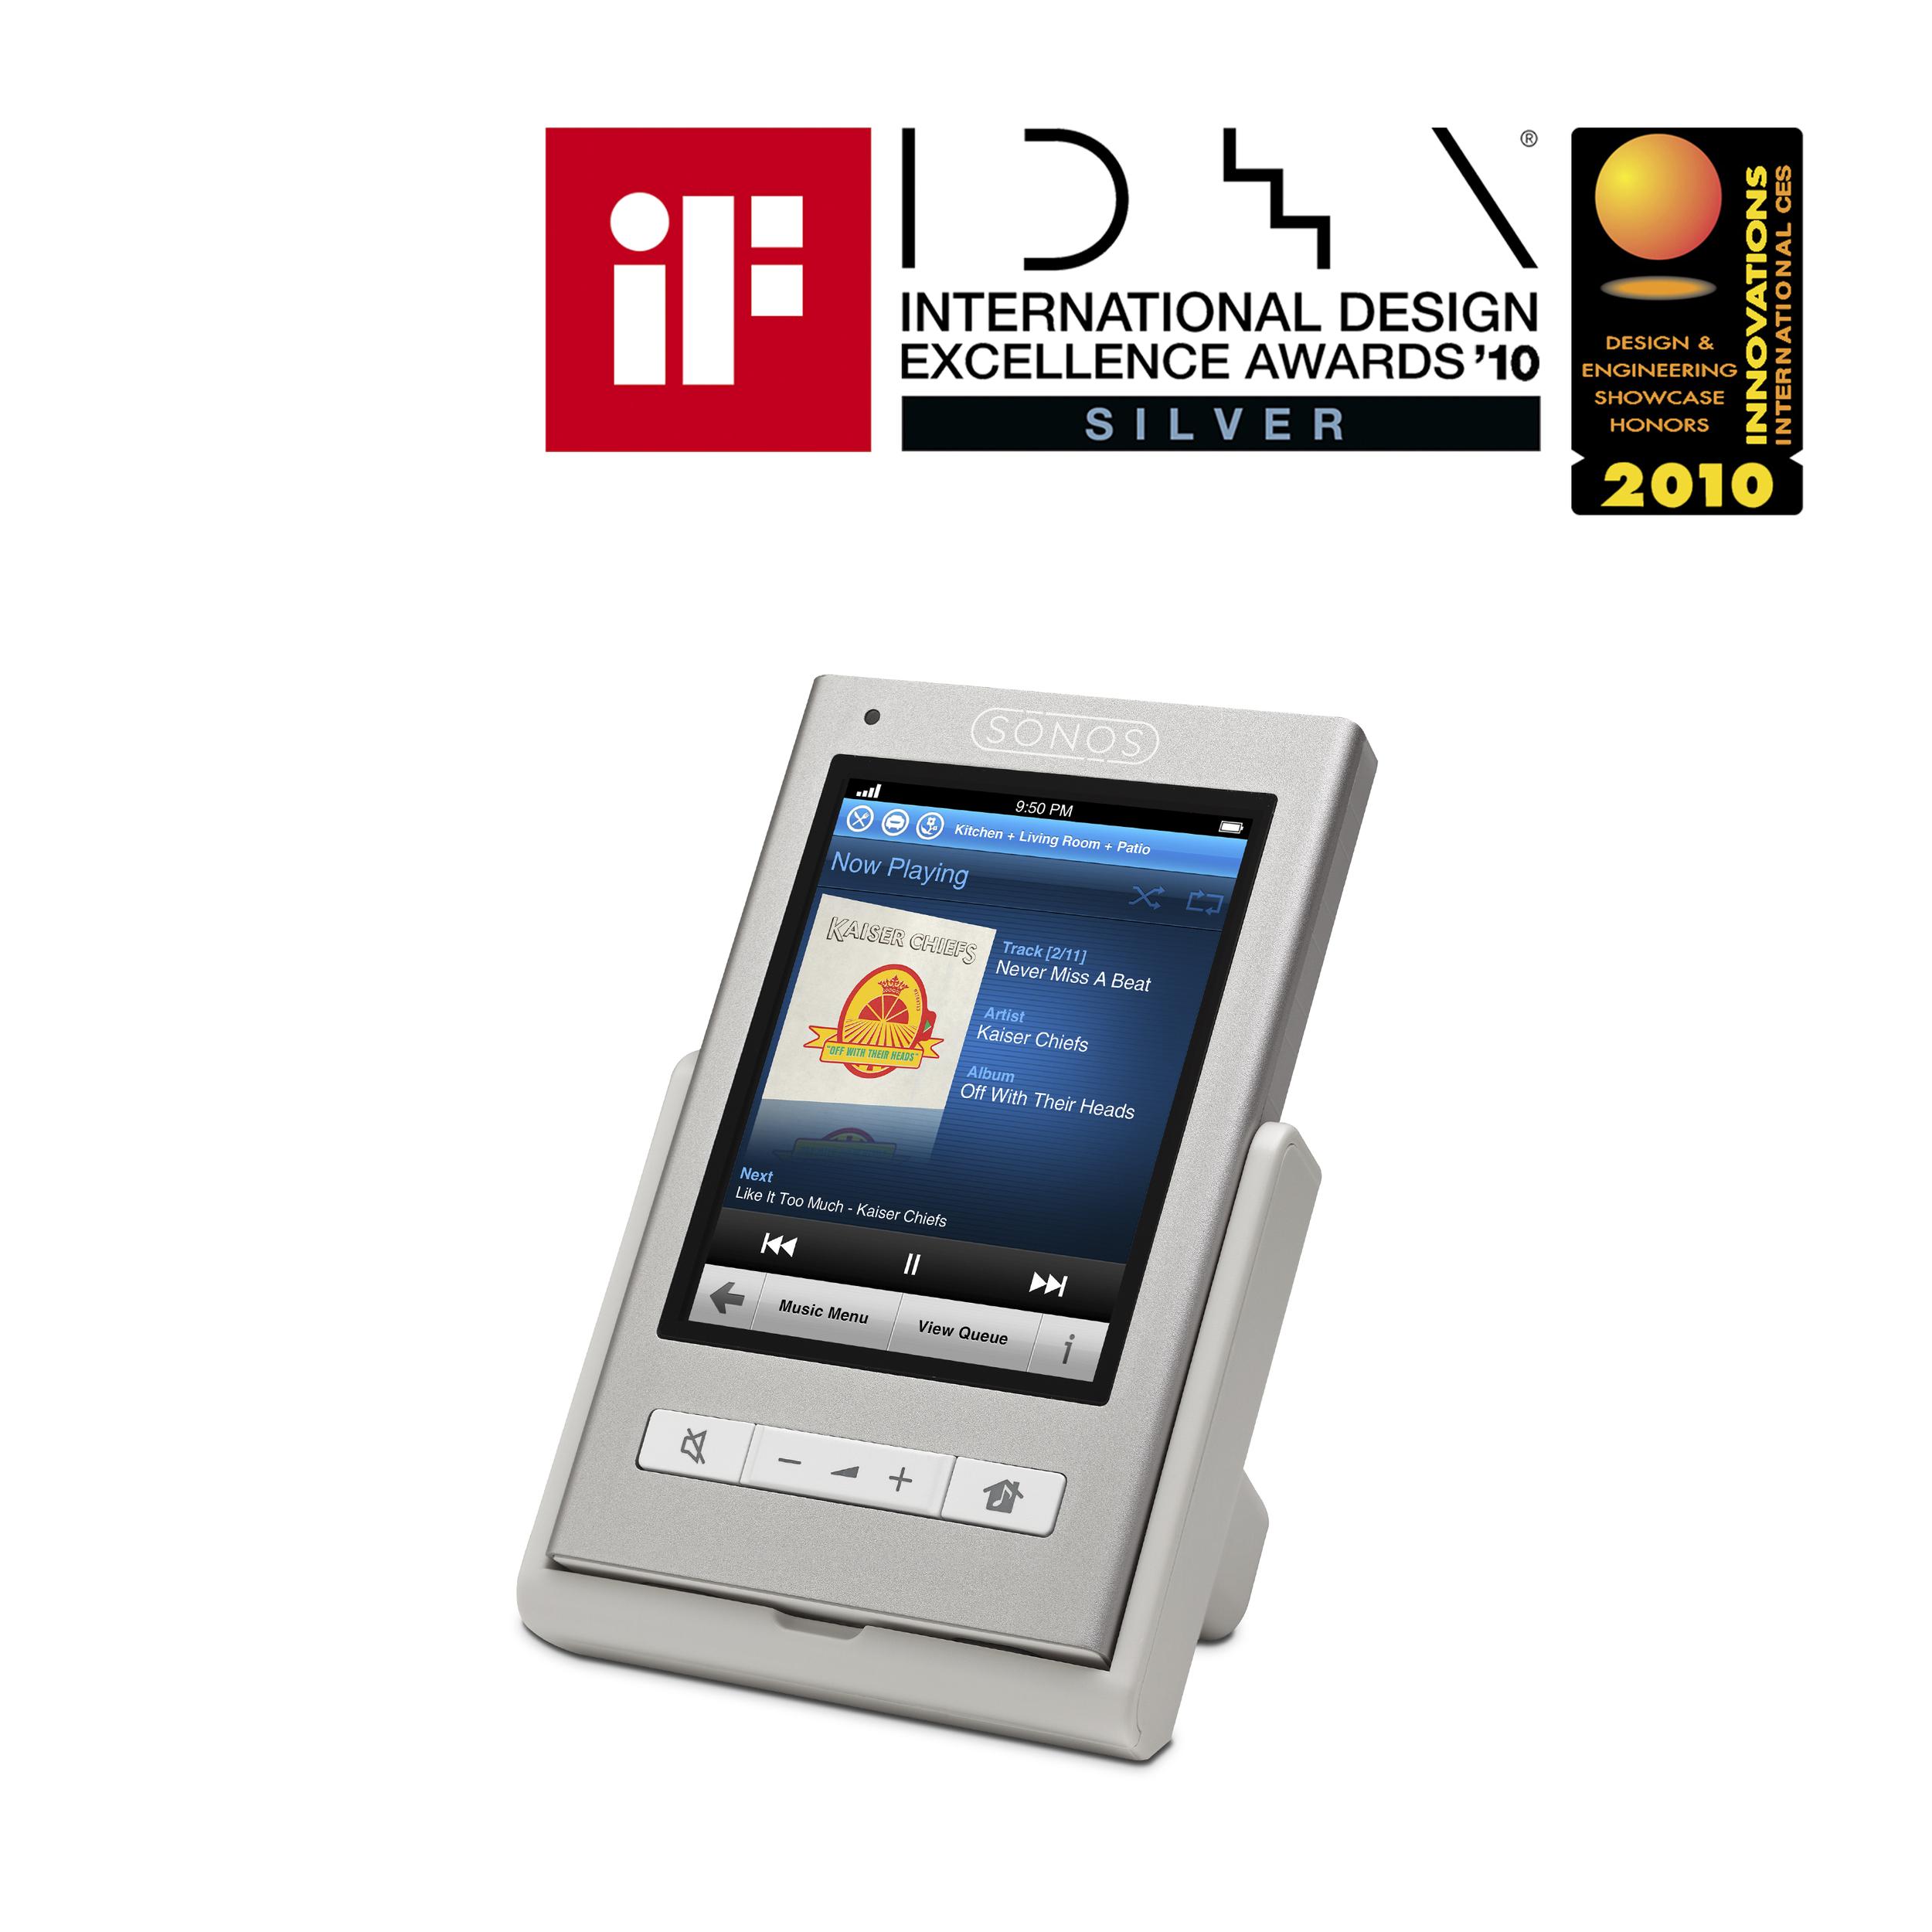 Sonos Controller 200   International Design Excellence Awards (IDEA) – Silver iF Design Award CEA Innovations Award - Honoree